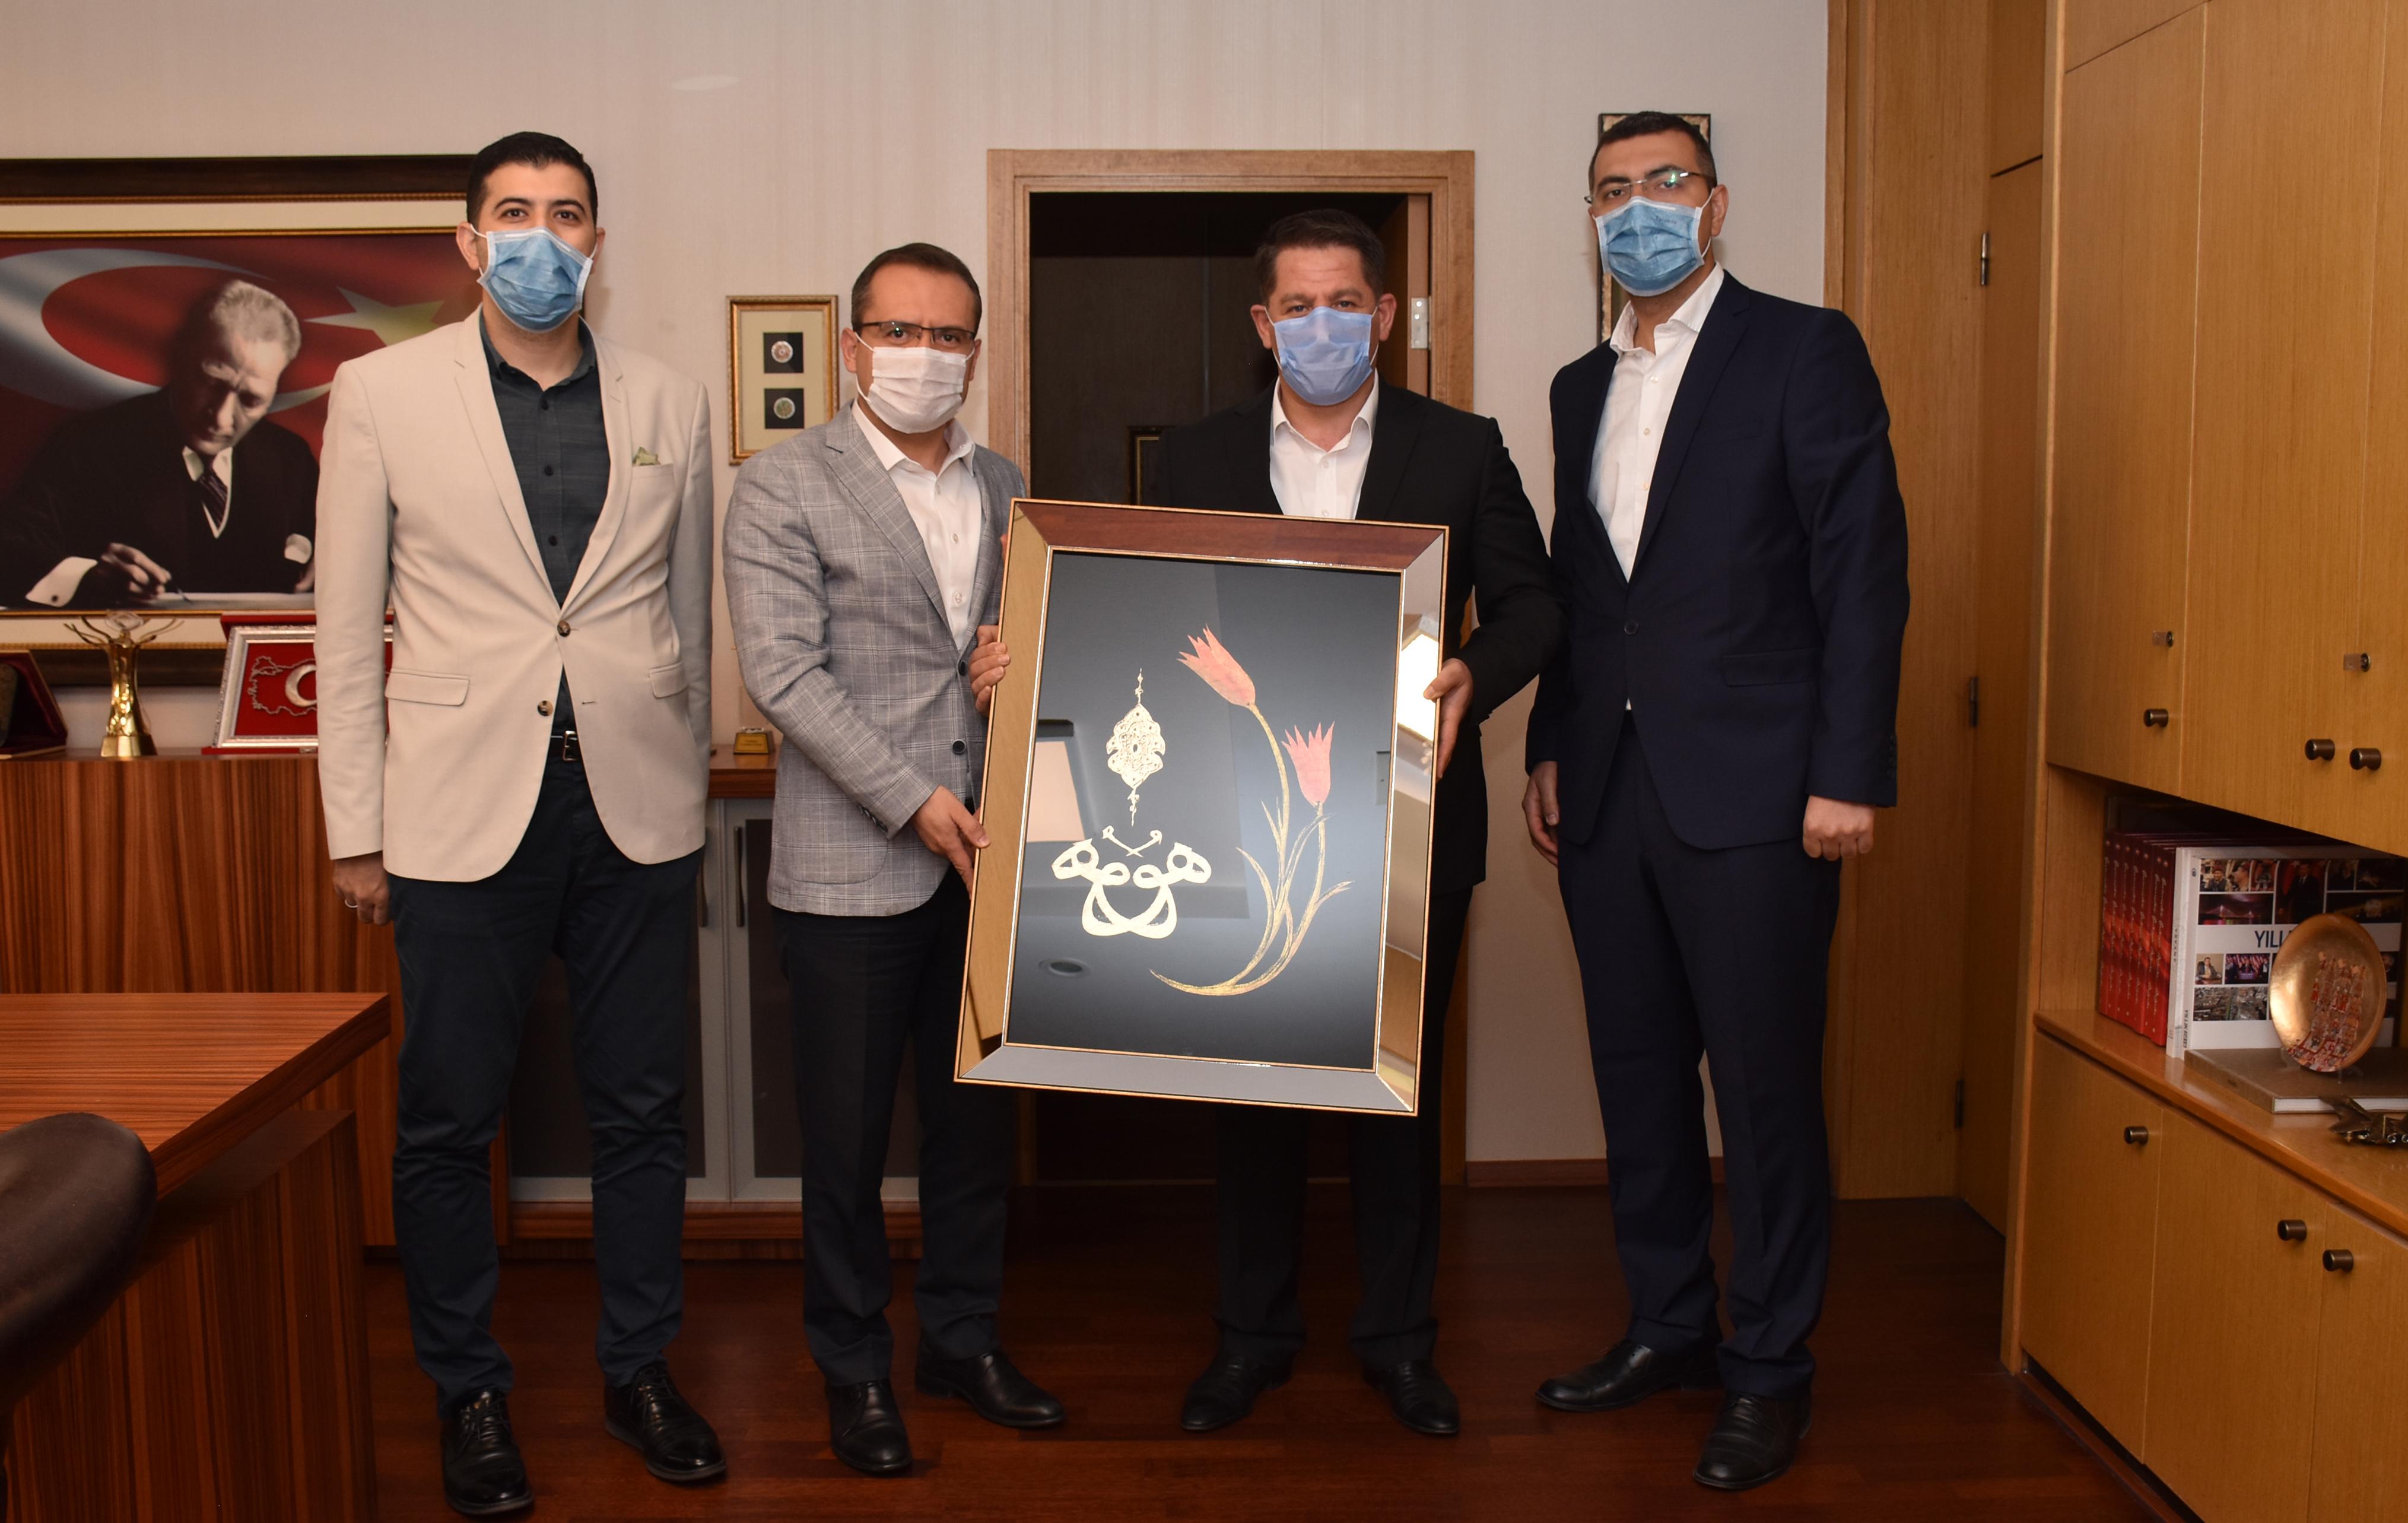 Birlik Haber-Sen'den TRT Genel Müdür Yardımcısı Osman Urgun'a Teşekkür Ziyareti